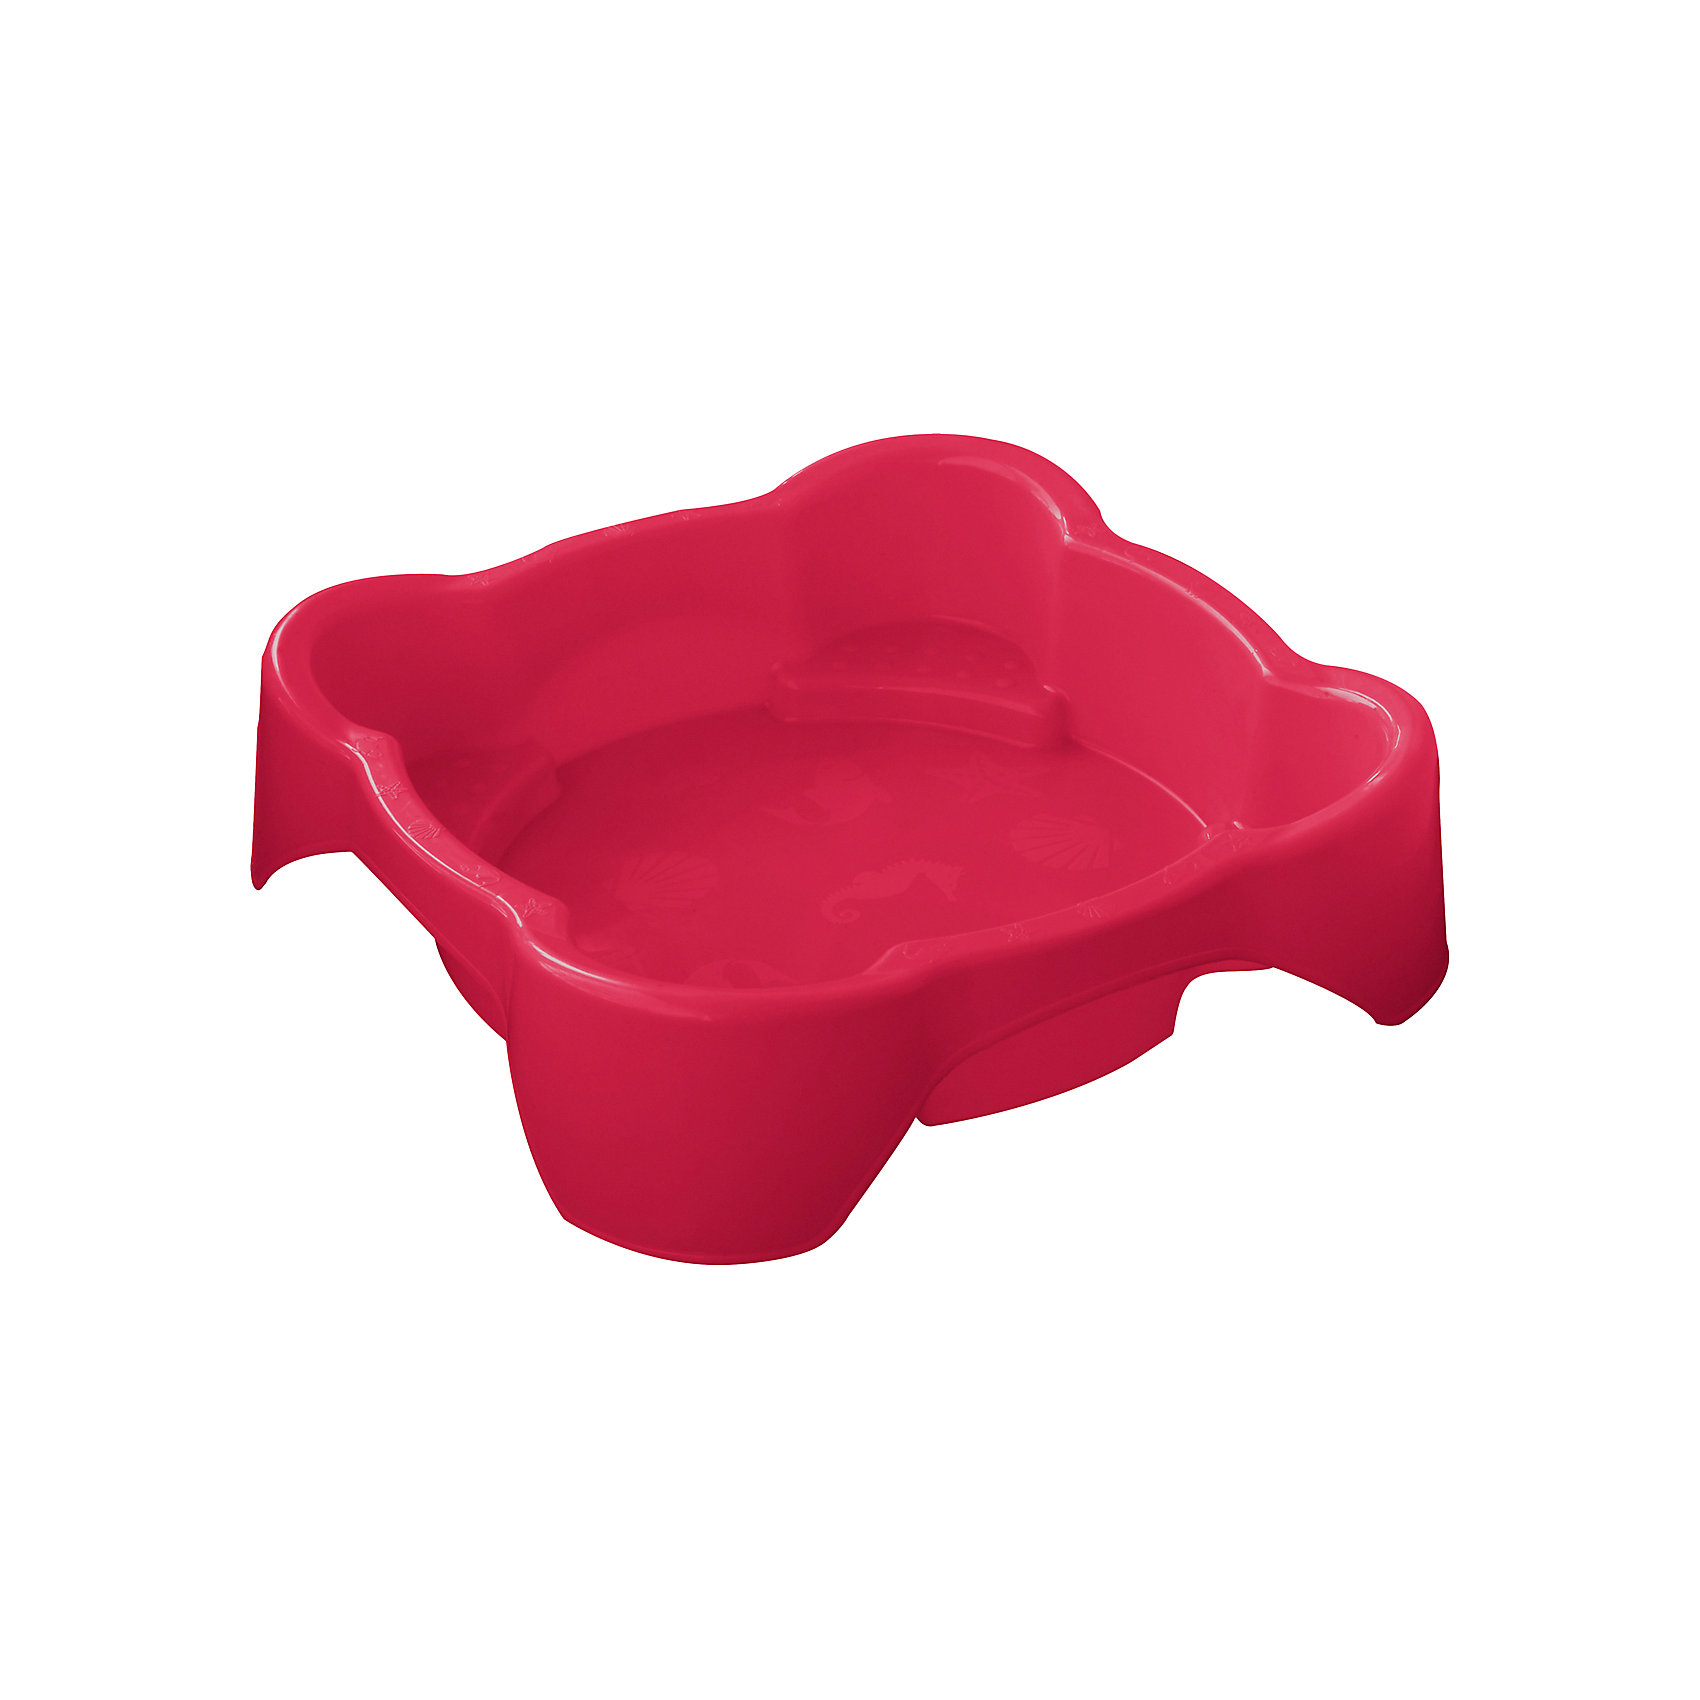 Песочница квадратная, красная, MarianplastИграем в песочнице<br>Квадратная песочница Marianpalast - это яркая и красочная песочница, незаменимая для игр на воздухе.<br><br>У песочницы высокий бортик - 25 см, поэтому её можно использовать как песочницу и как бассейн. Песочница Marianpalast прочная и вместительная, поэтому в ней могут играть одновременно несколько малышей. <br><br>Дополнительная информация:<br><br>Размеры песочницы: 96 х 96 х 25 см.<br>Цвет: оранжевый.<br>Вес: 4 кг.<br><br>Ширина мм: 960<br>Глубина мм: 960<br>Высота мм: 250<br>Вес г: 3940<br>Возраст от месяцев: 216<br>Возраст до месяцев: 96<br>Пол: Унисекс<br>Возраст: Детский<br>SKU: 4853270